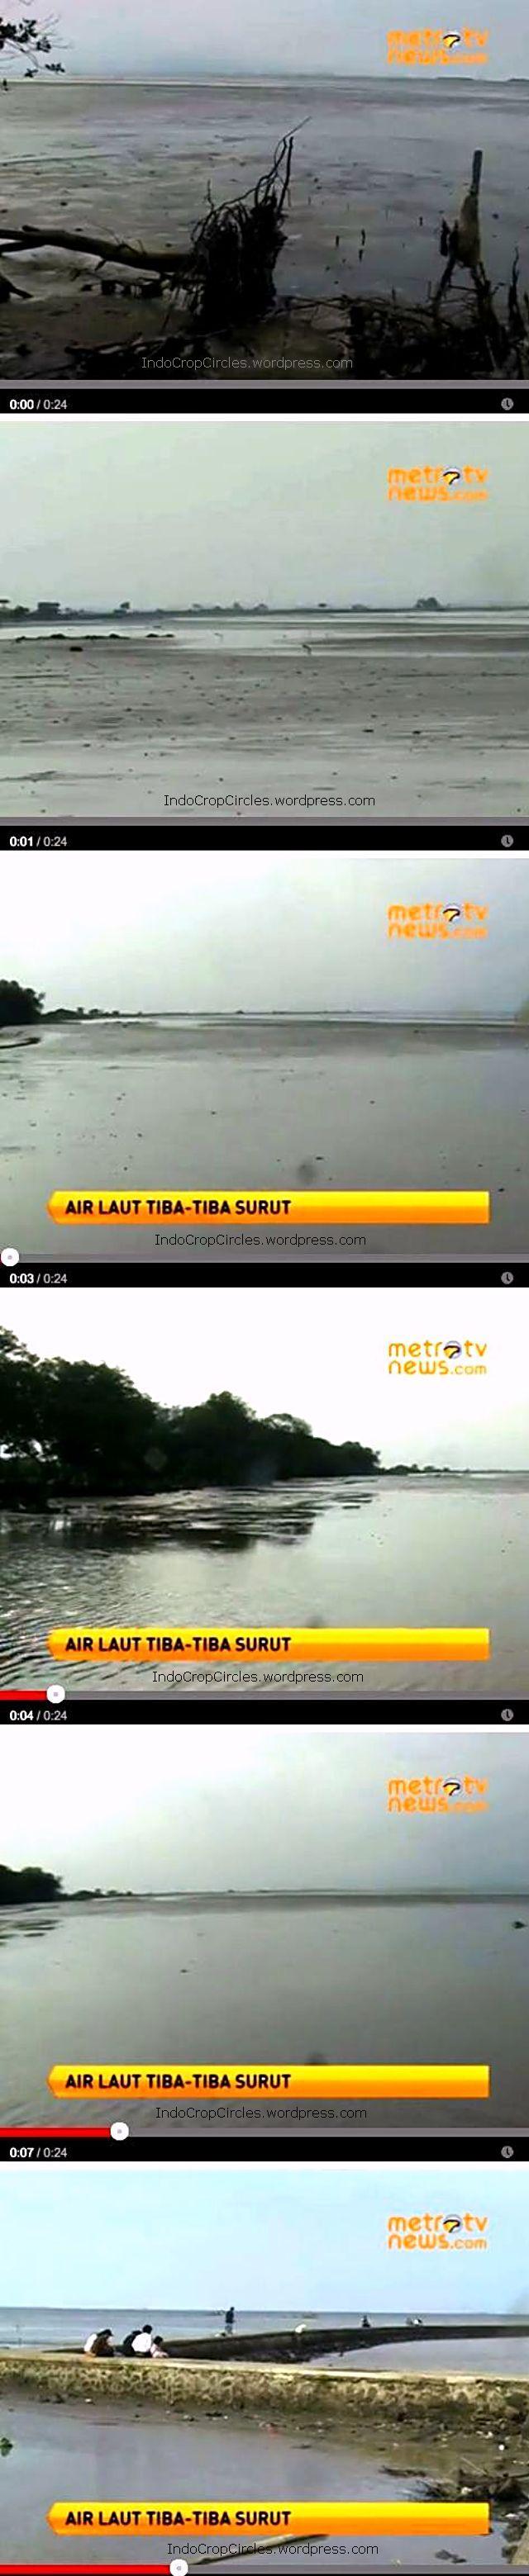 Air laut Serang Banten Surut all